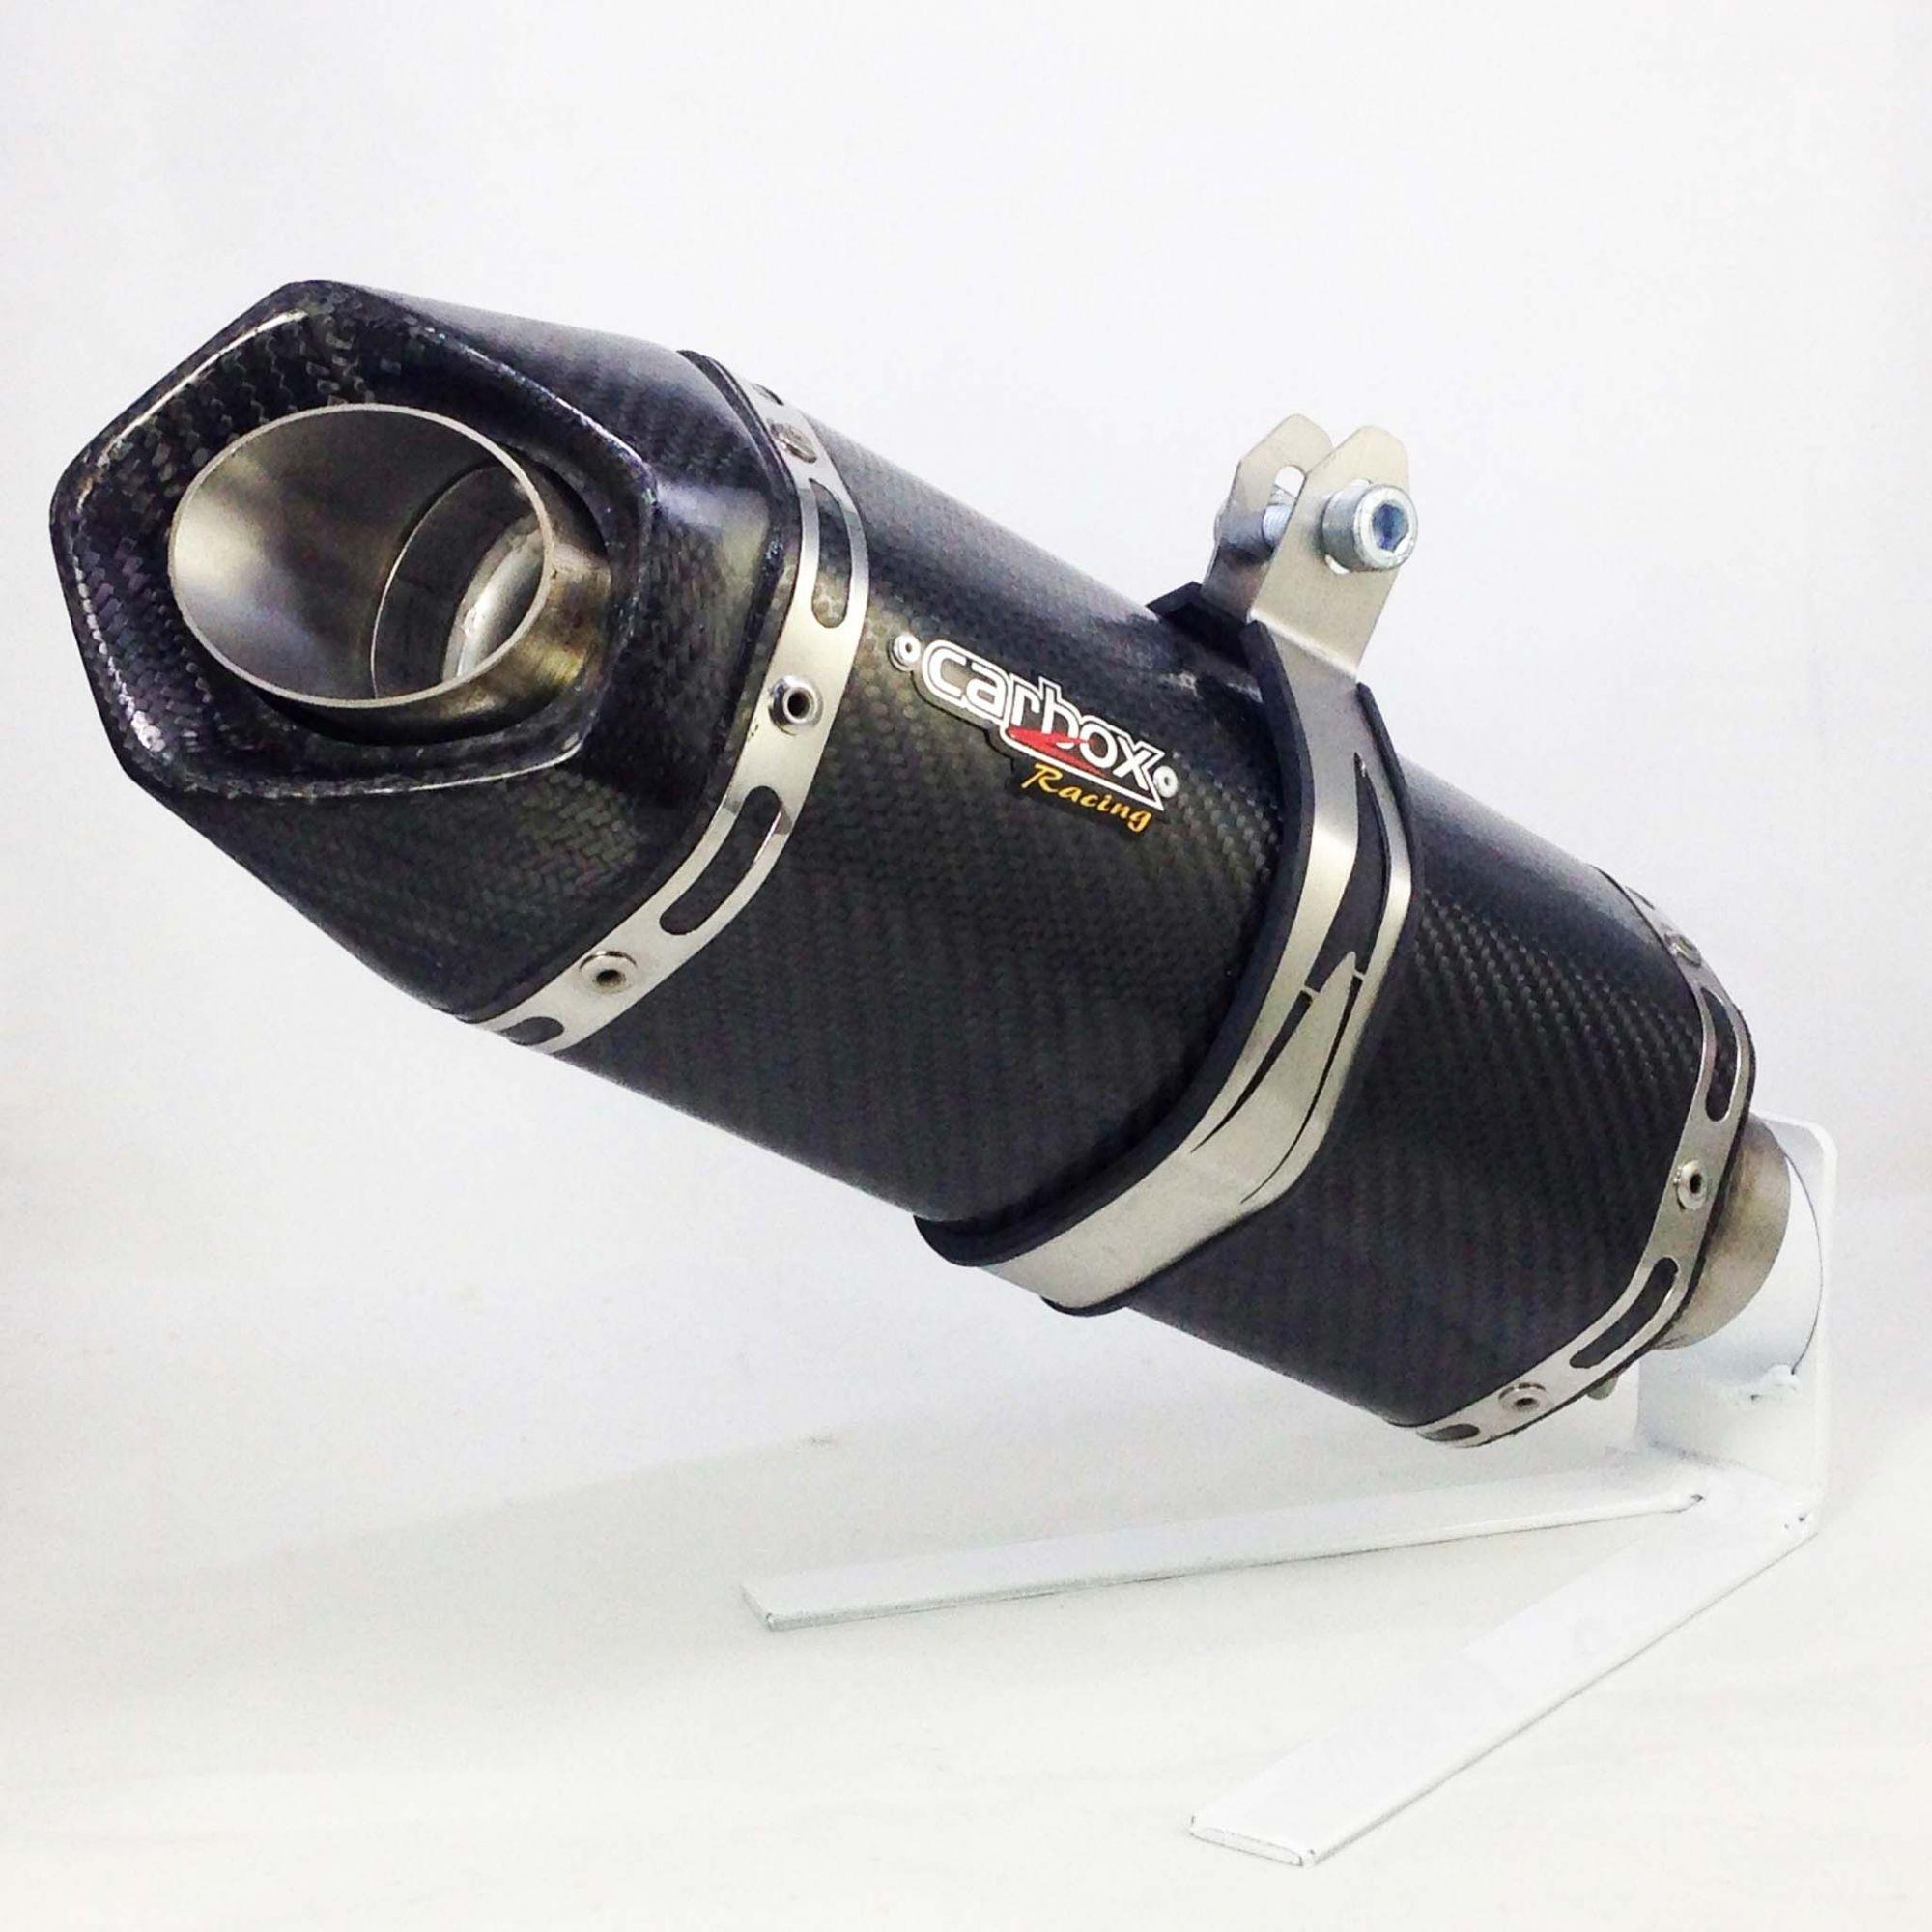 Ponteira Escapamento Shark S920 Carbon Full 2x1 - Cb1000r